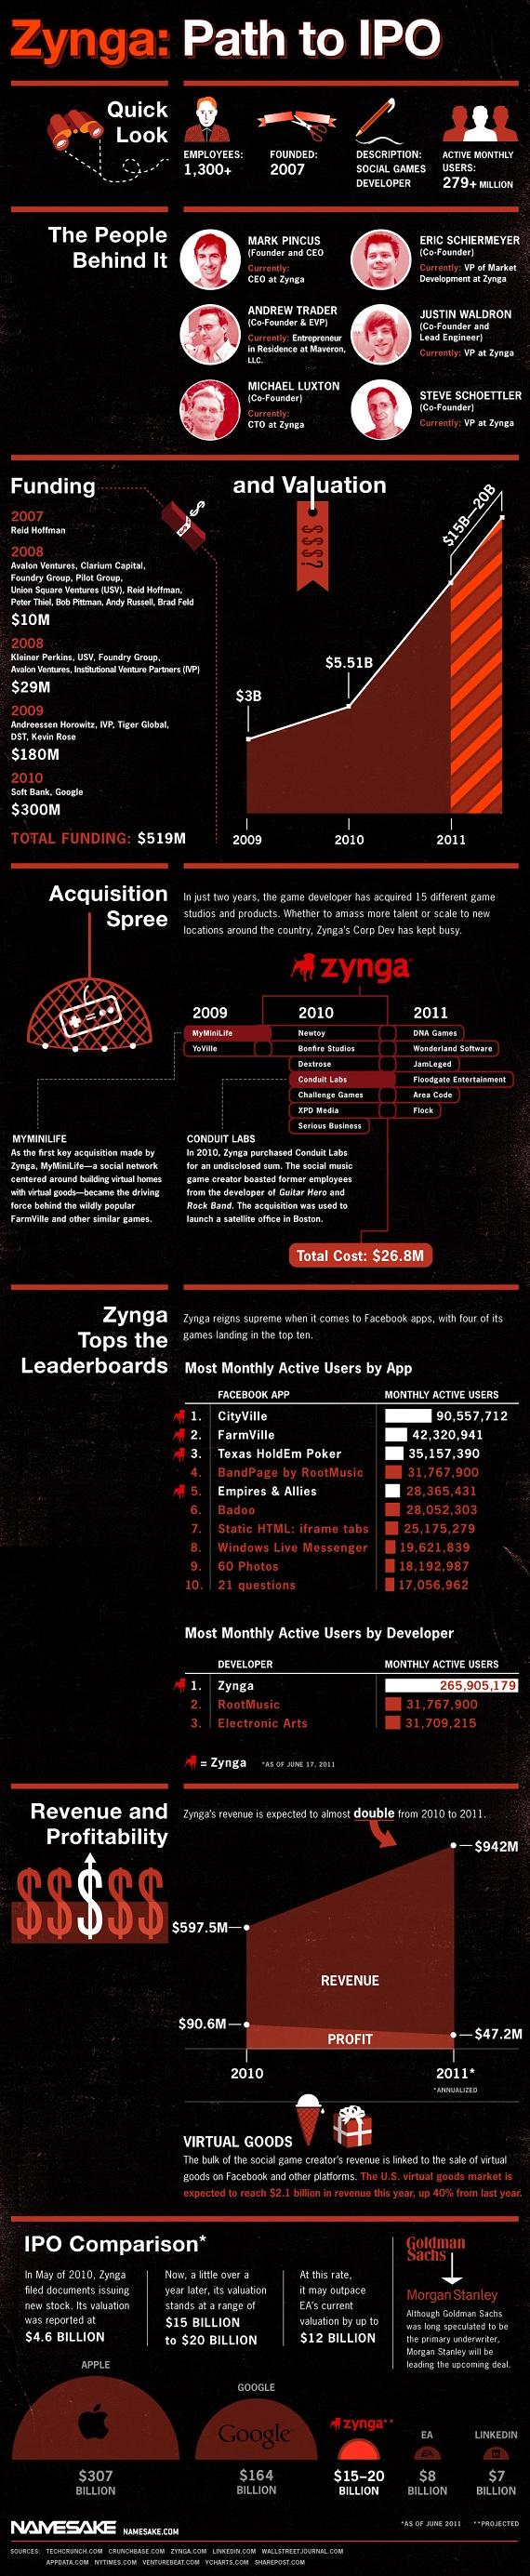 Zynga може залучити на IPO до $1 млрд (інфографіка)